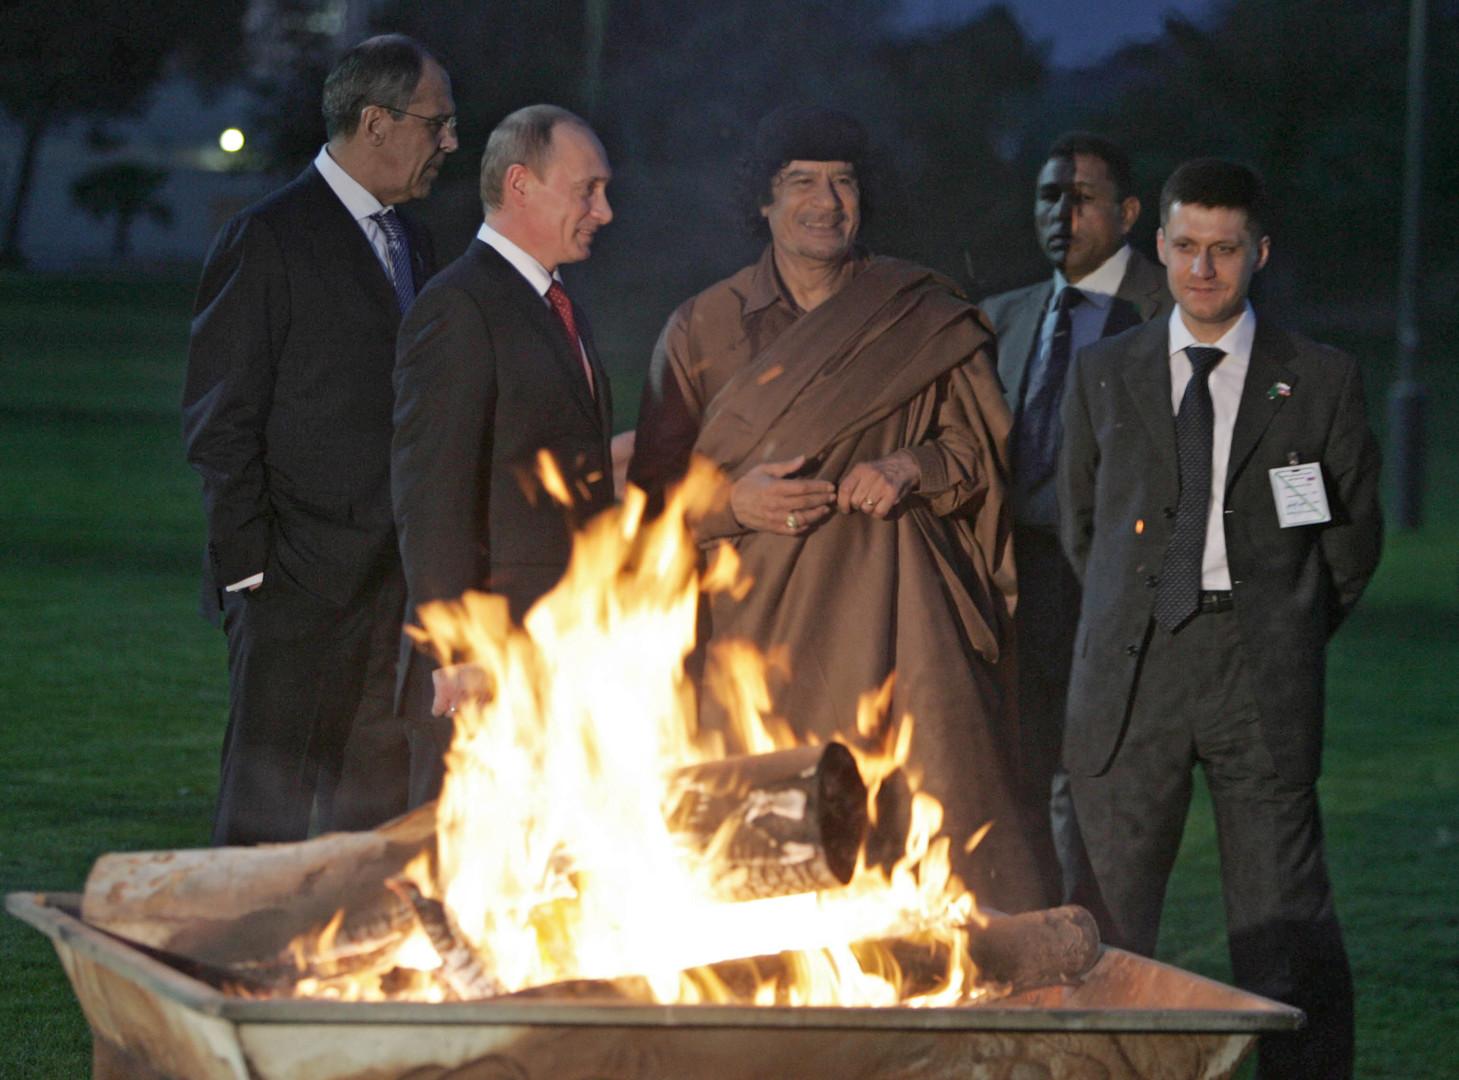 Der russische Außenminister Sergej Lawrow und Russlands Präsident Wladimir Putin treffen Muammar Gaddafi in Tripolis 16. April 2008.